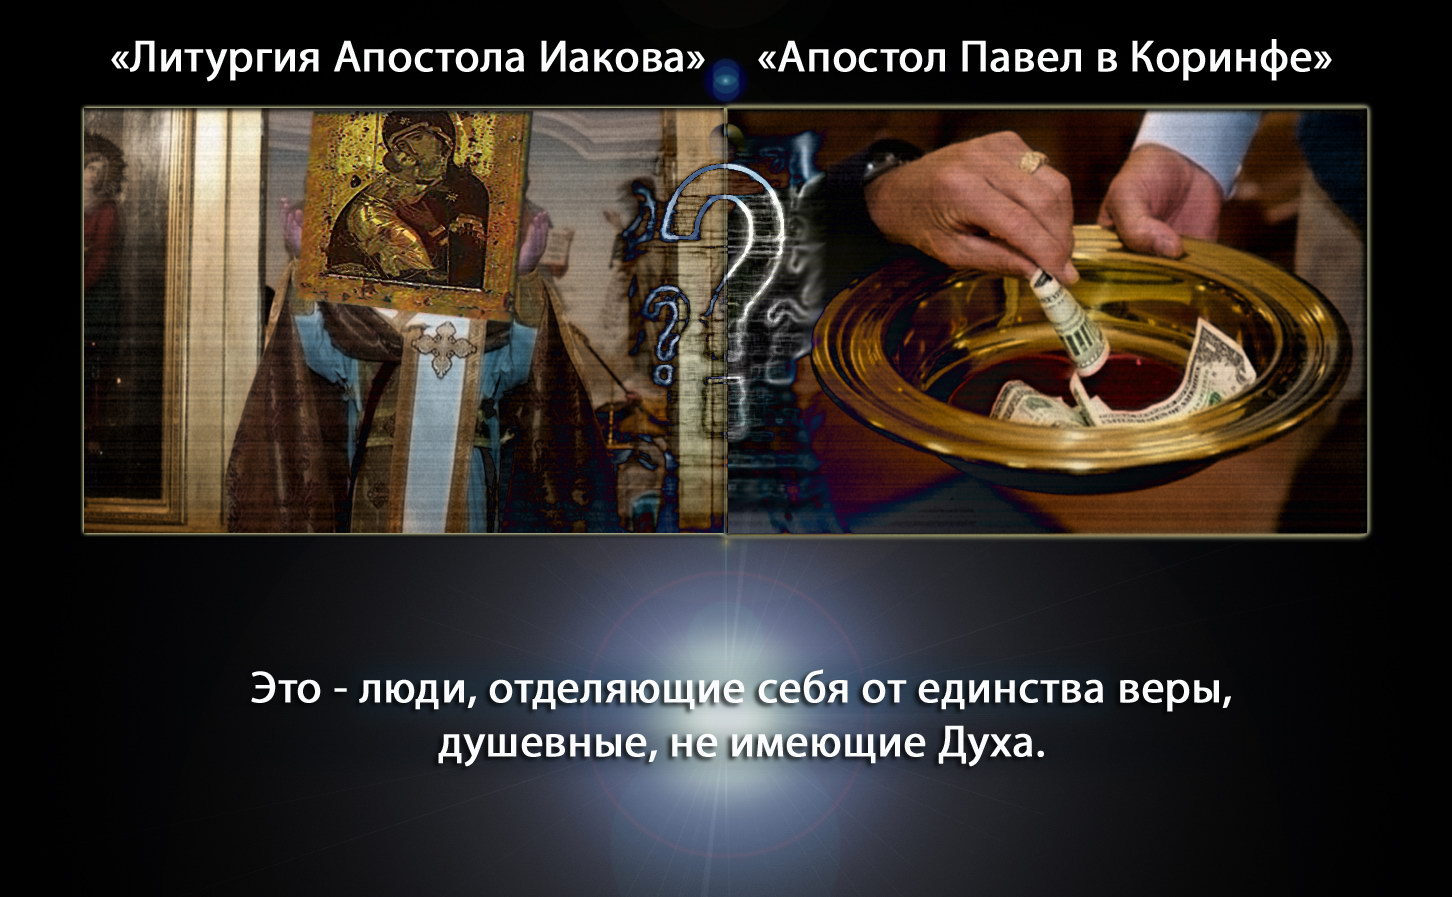 Отделяющие себя от единства веры